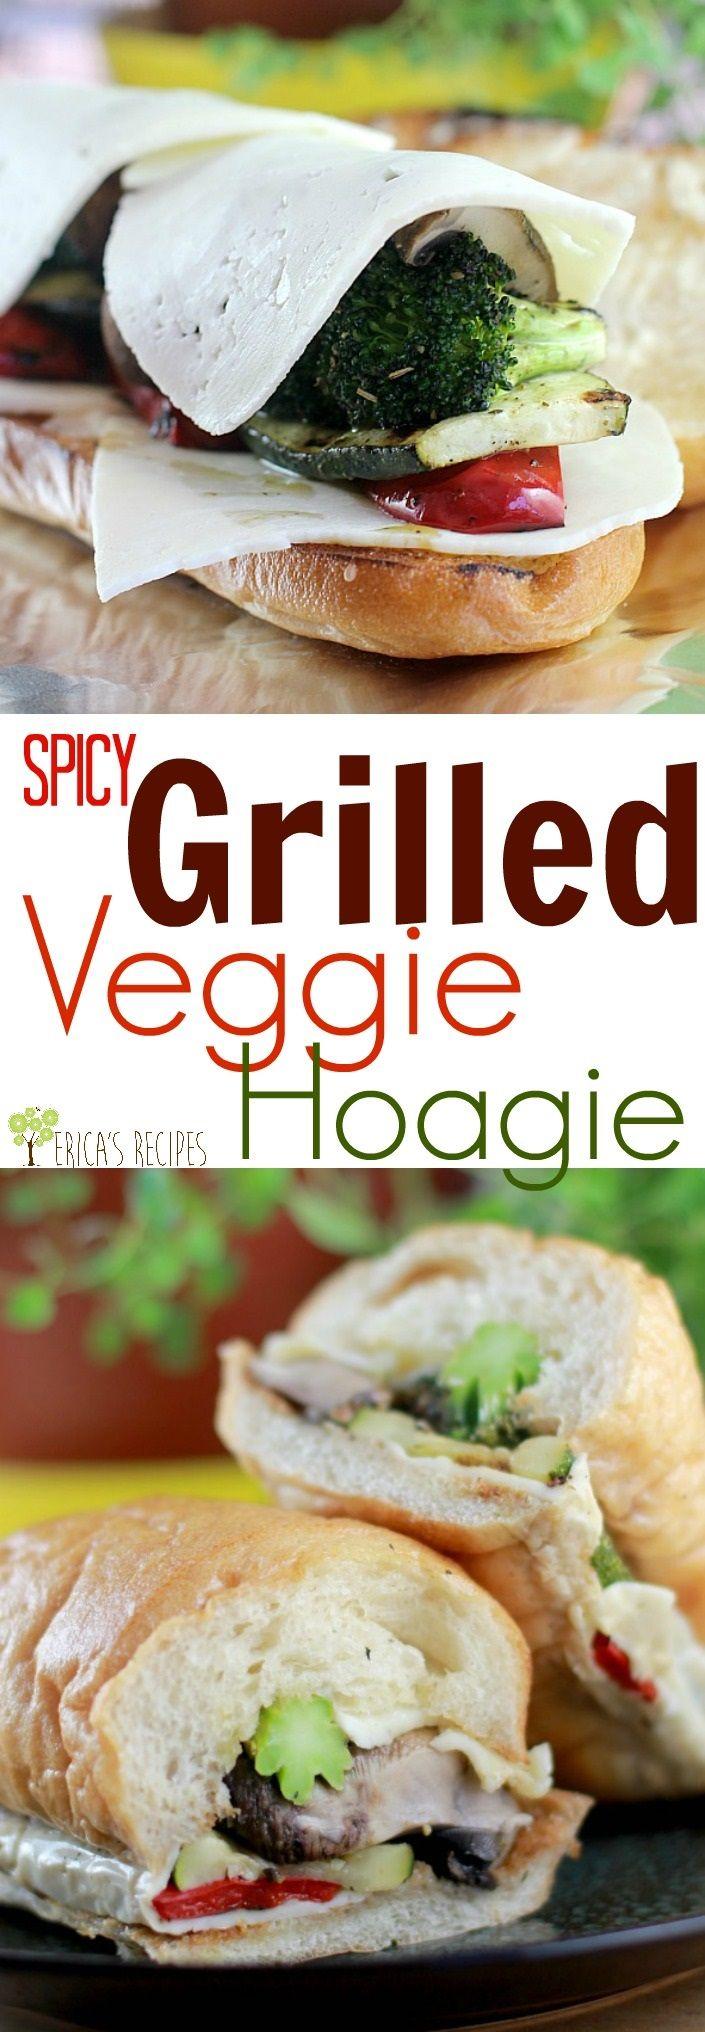 Spicy Grilled Veggie Hoagies #KingofFlavor #FlavorRocksTG #ad @target @elyucateco